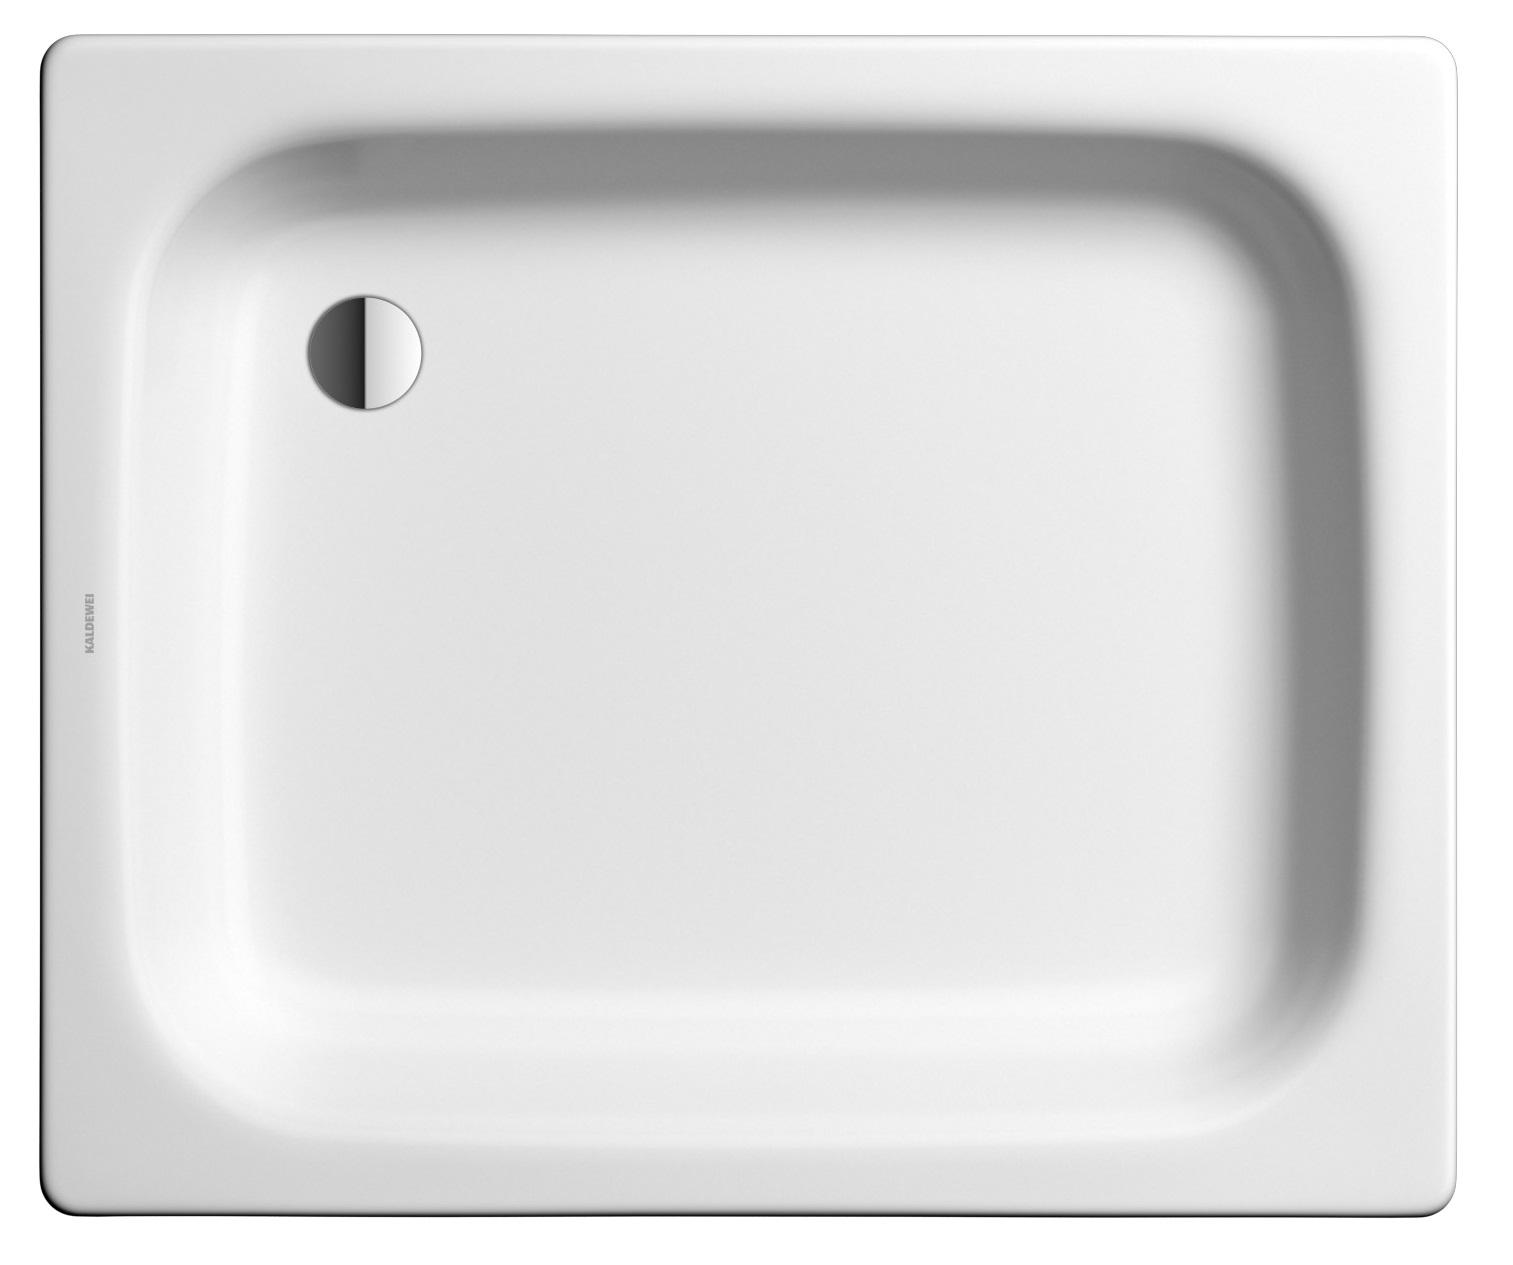 Kaldewei Sanidusch 140 - ocelová sprchová vanička obdélníková 70 x 75 x 14 cm 540